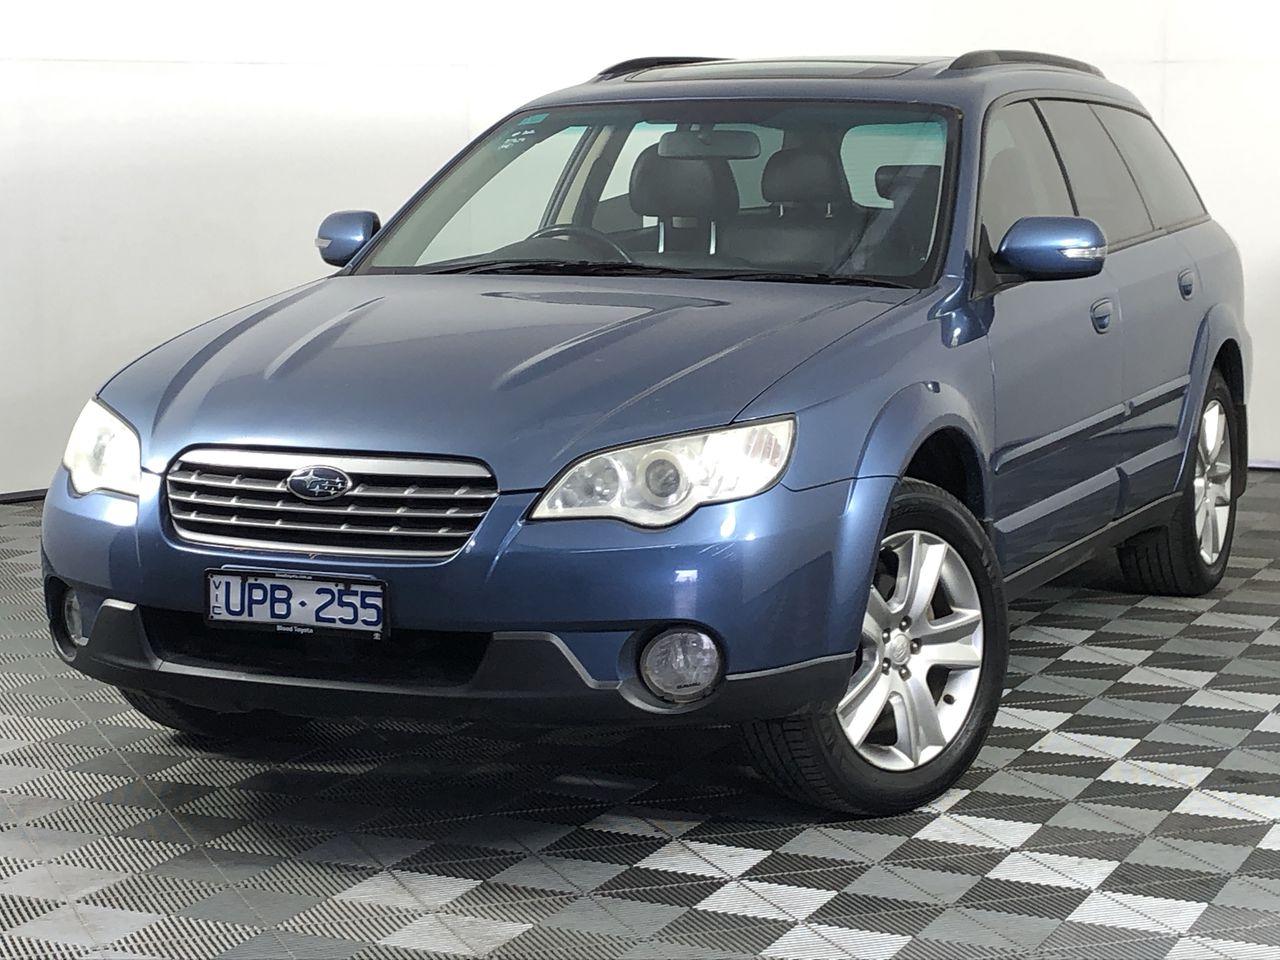 2007 Subaru Outback 2.5i Premium B4A Automatic Wagon